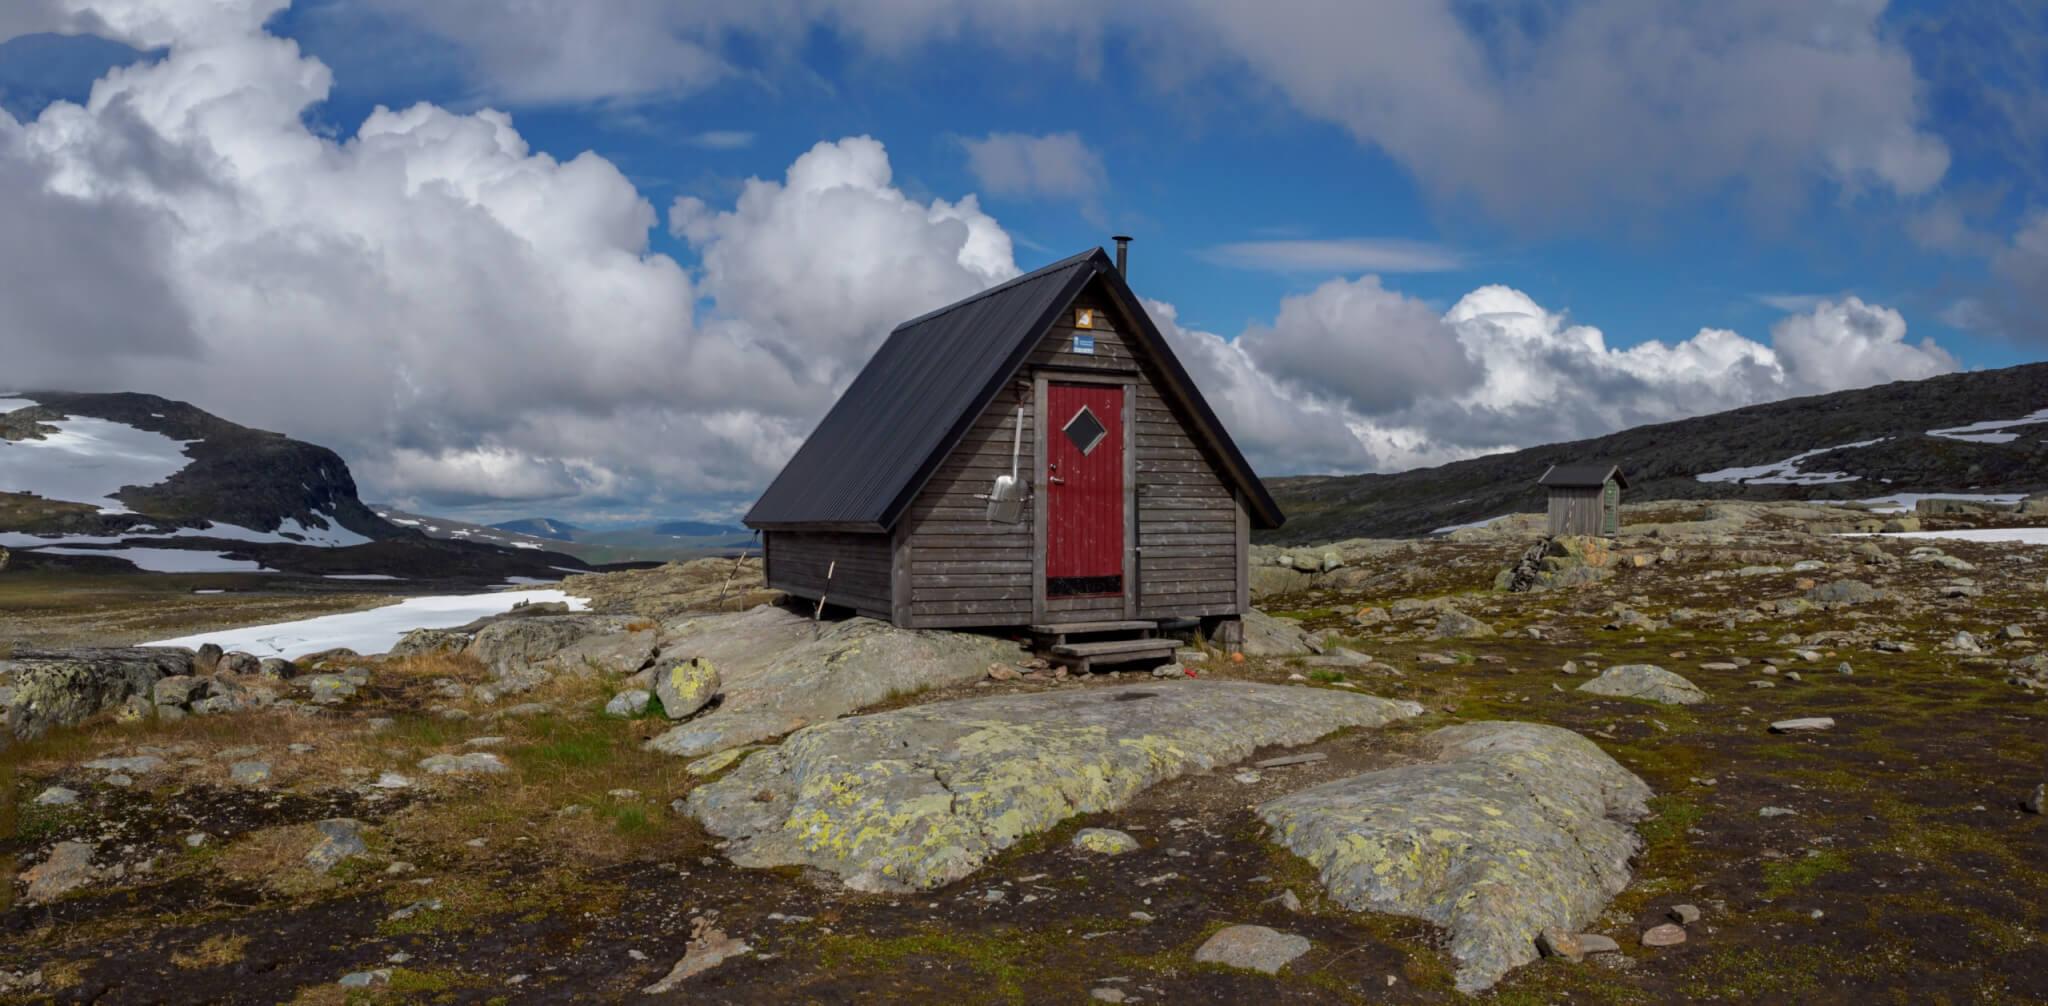 Vallentjåkke/Marinstugan. En grå liten stuga med röd dörr uppe på kalfjäll med blå himmel och moln i bakgrunden.